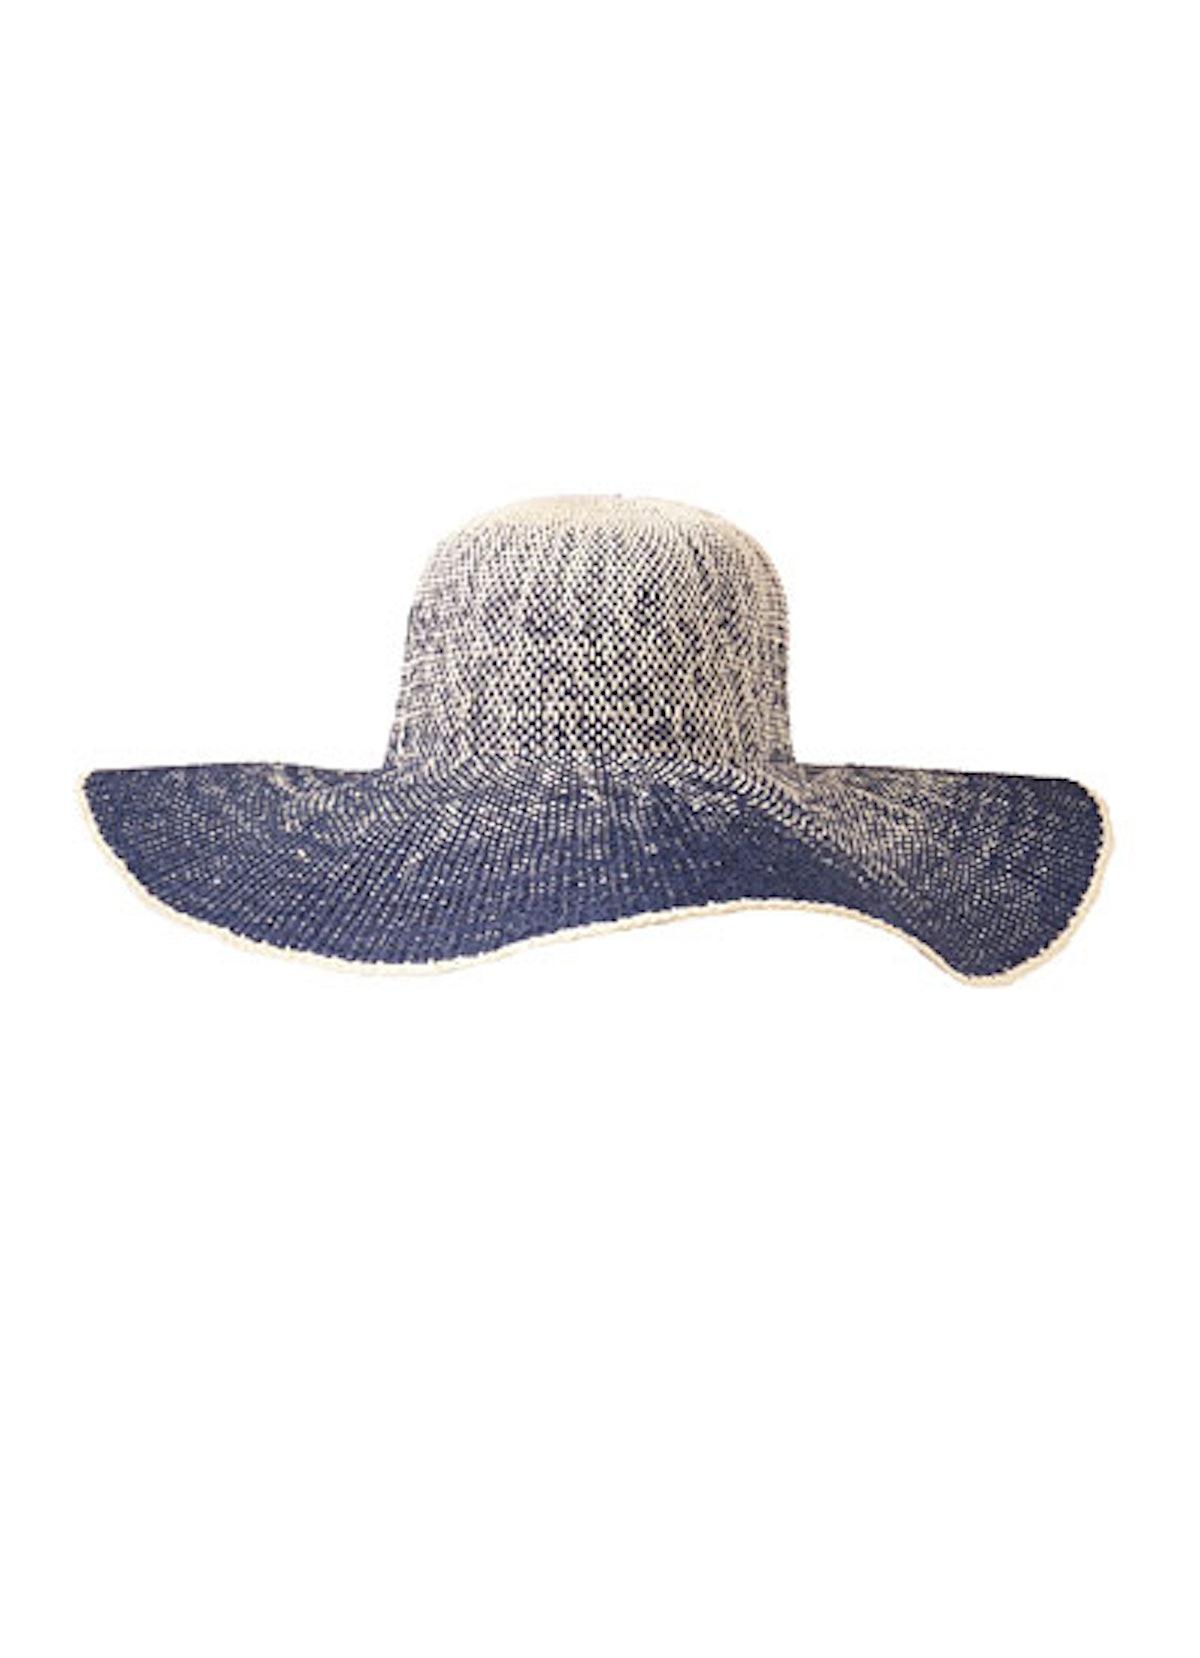 acss-summer-hats-03-v.jpg